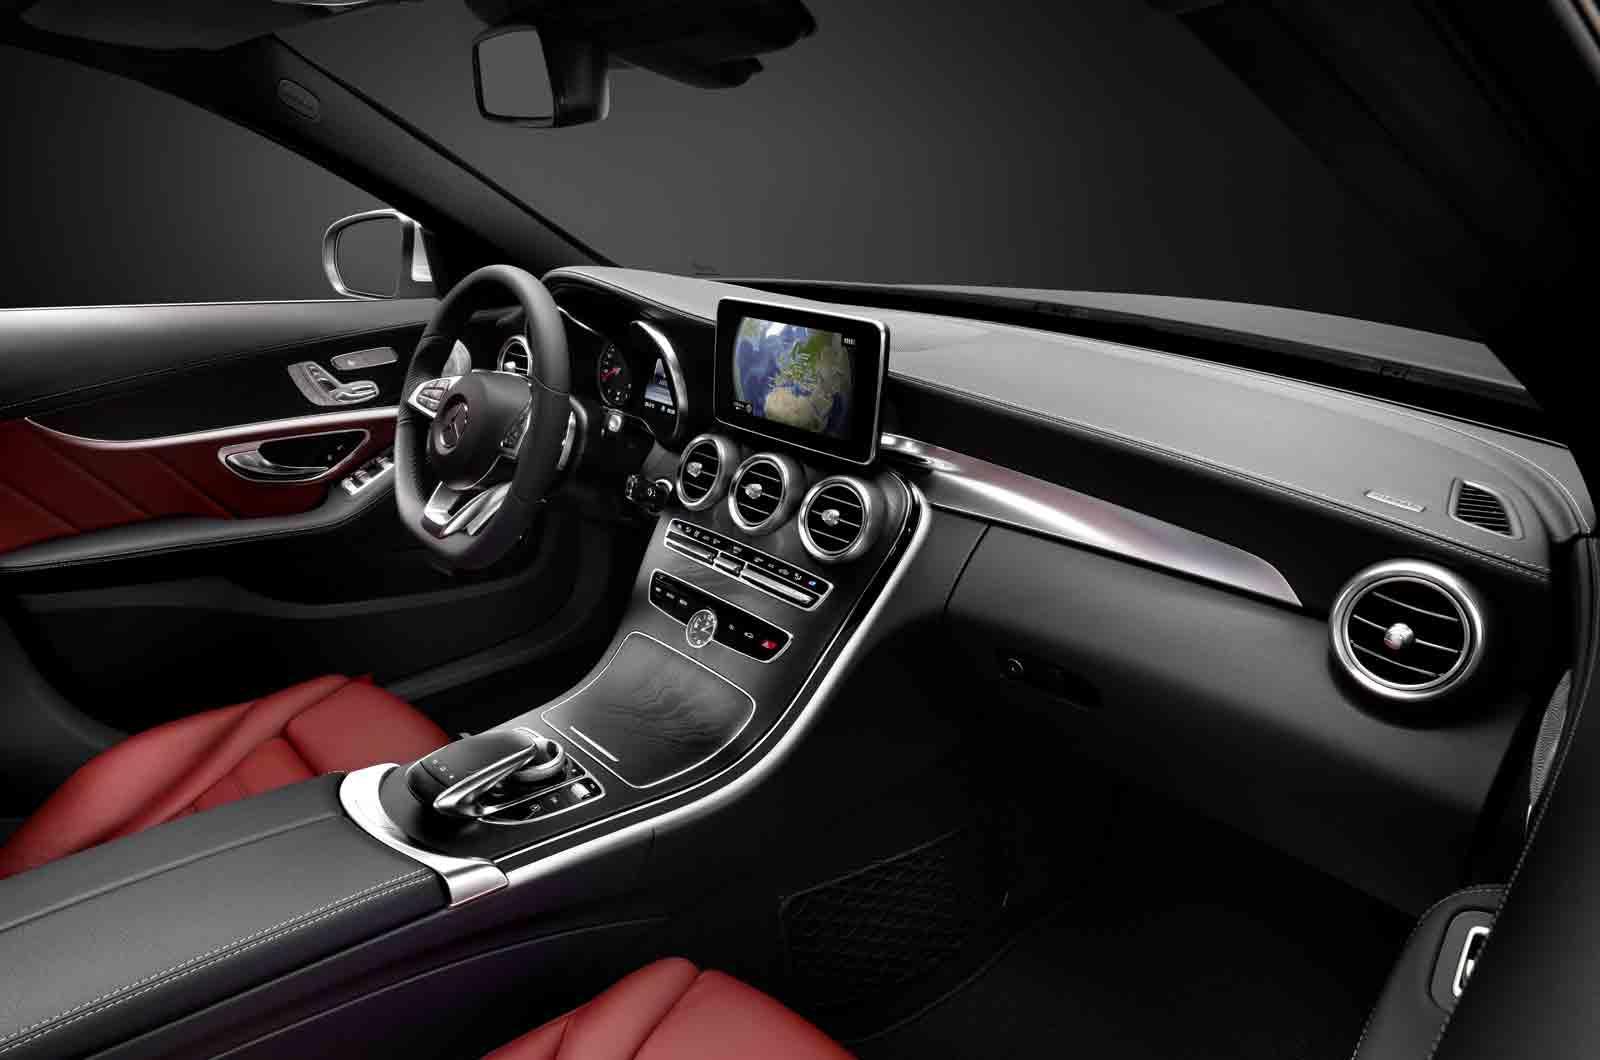 2014 Mercedes Benz C Class Interior Forcegt Com